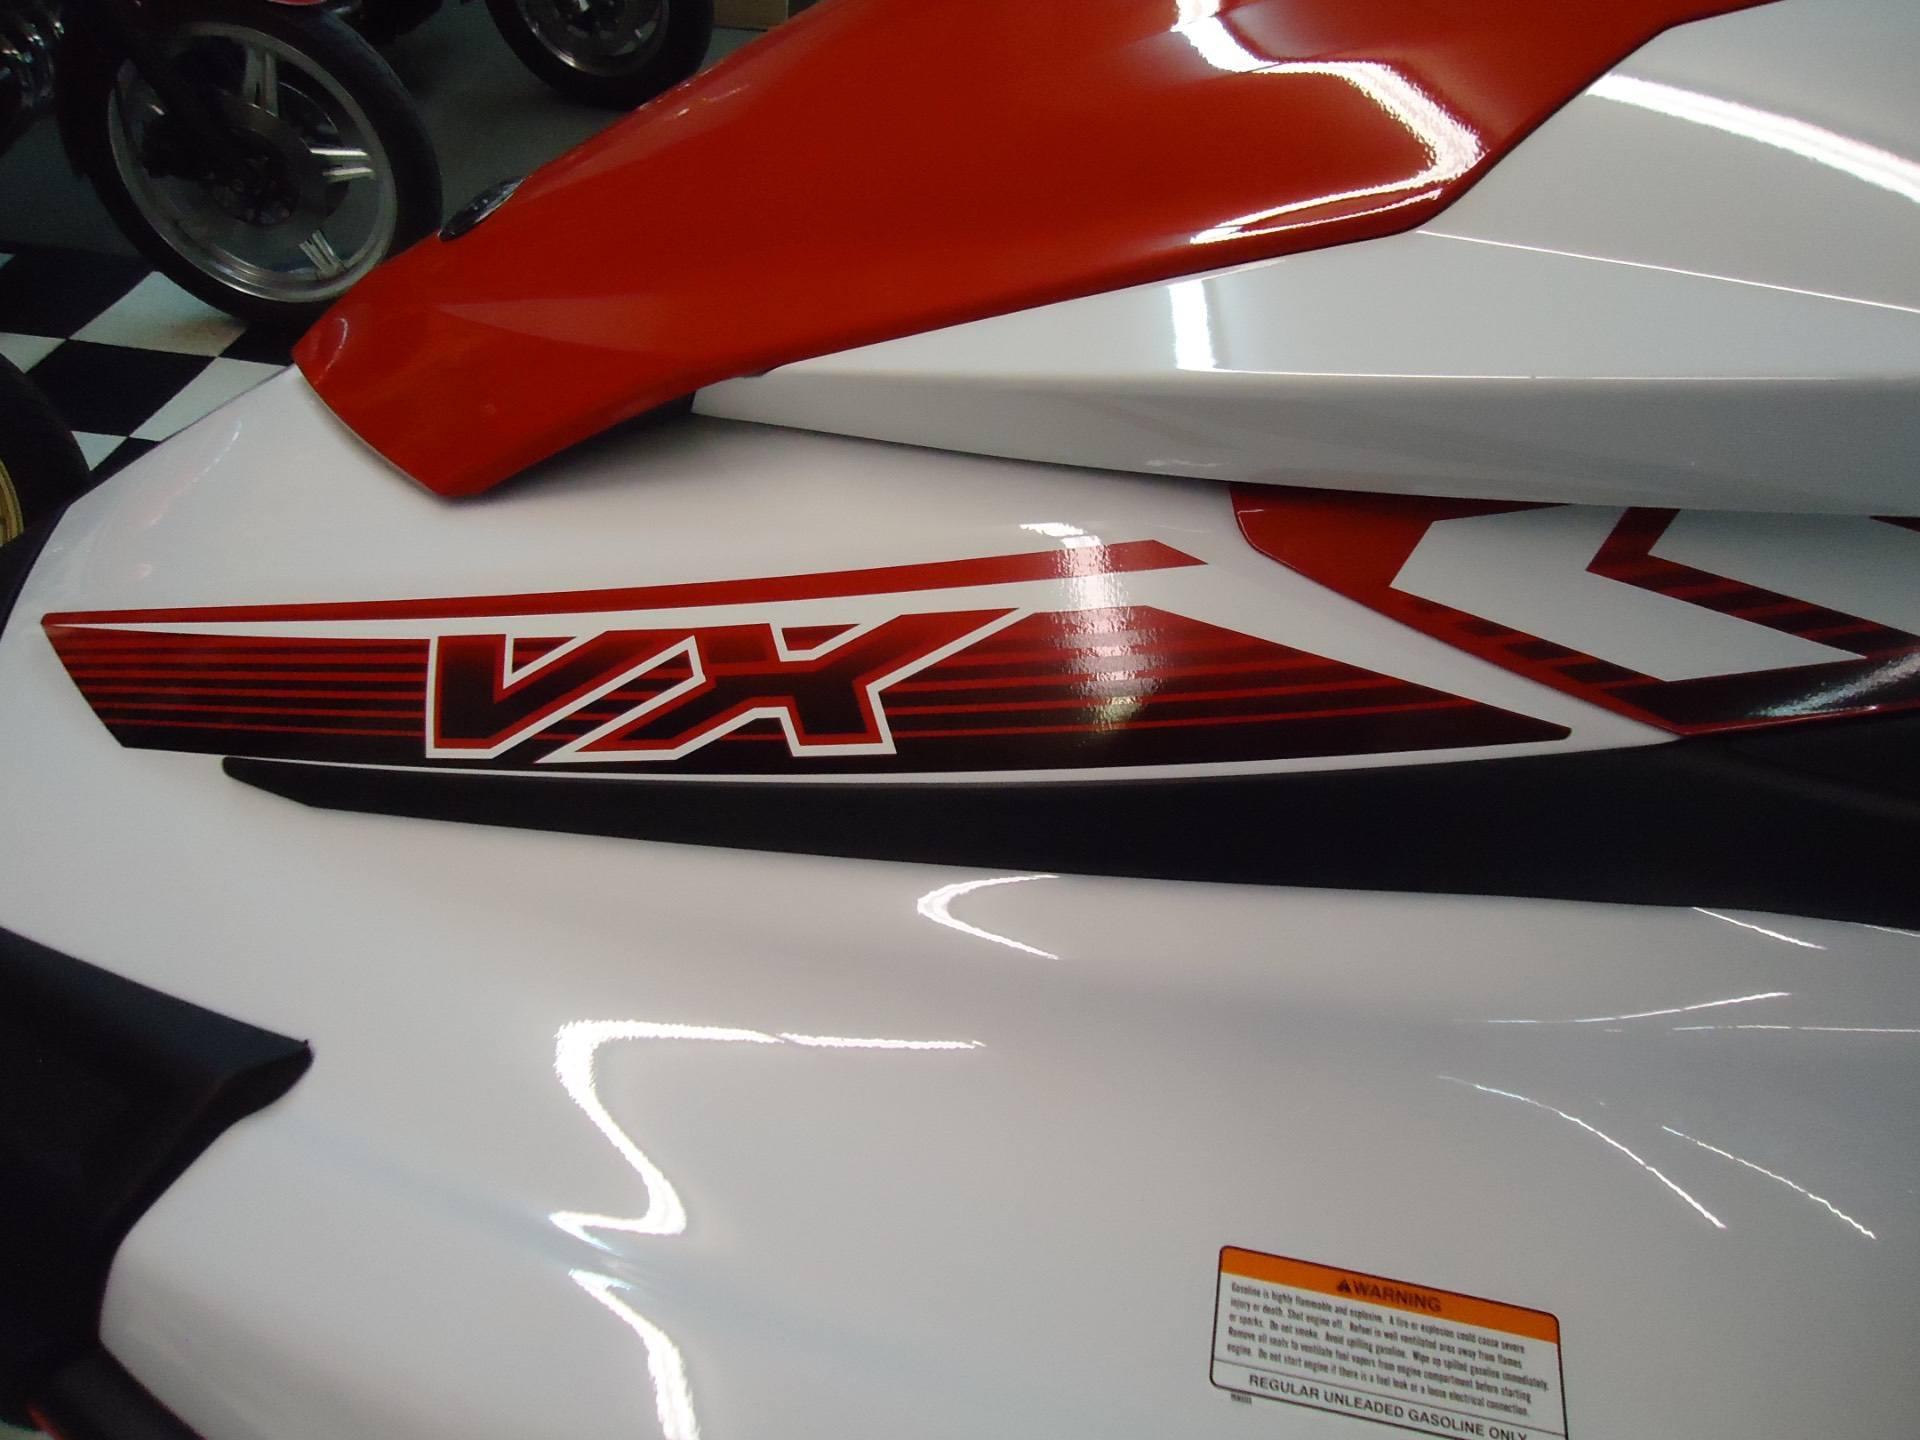 2017 Yamaha VX 8